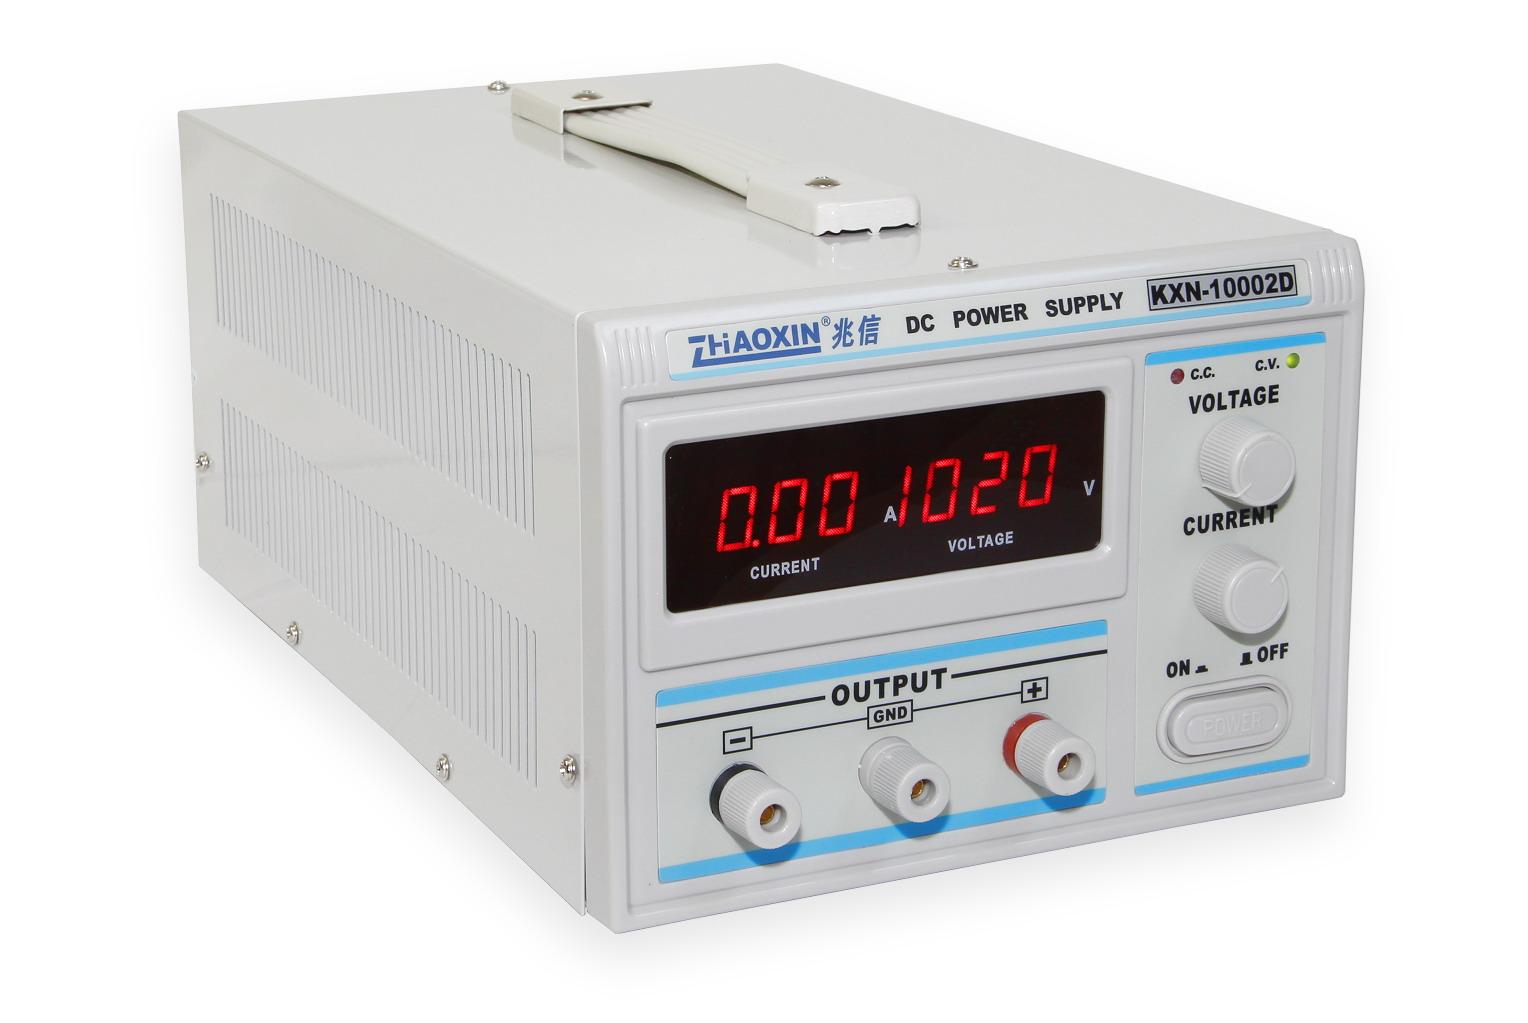 Laboratórny zdroj KXN-10002D 0-1000V 2A fdd74de3532